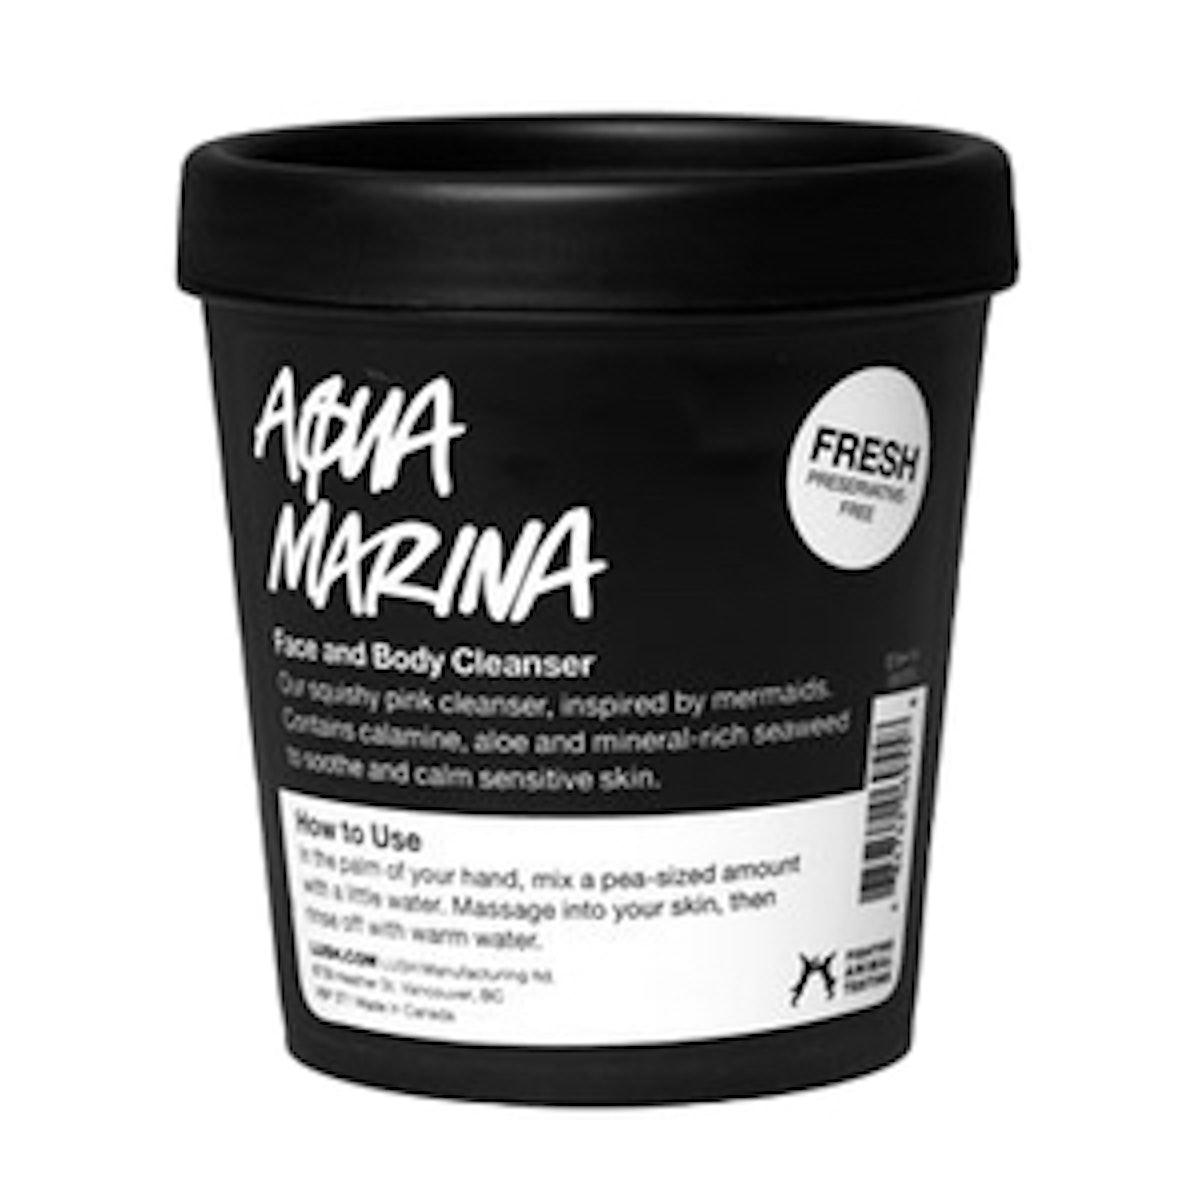 Aqua Marina Facial Cleanser